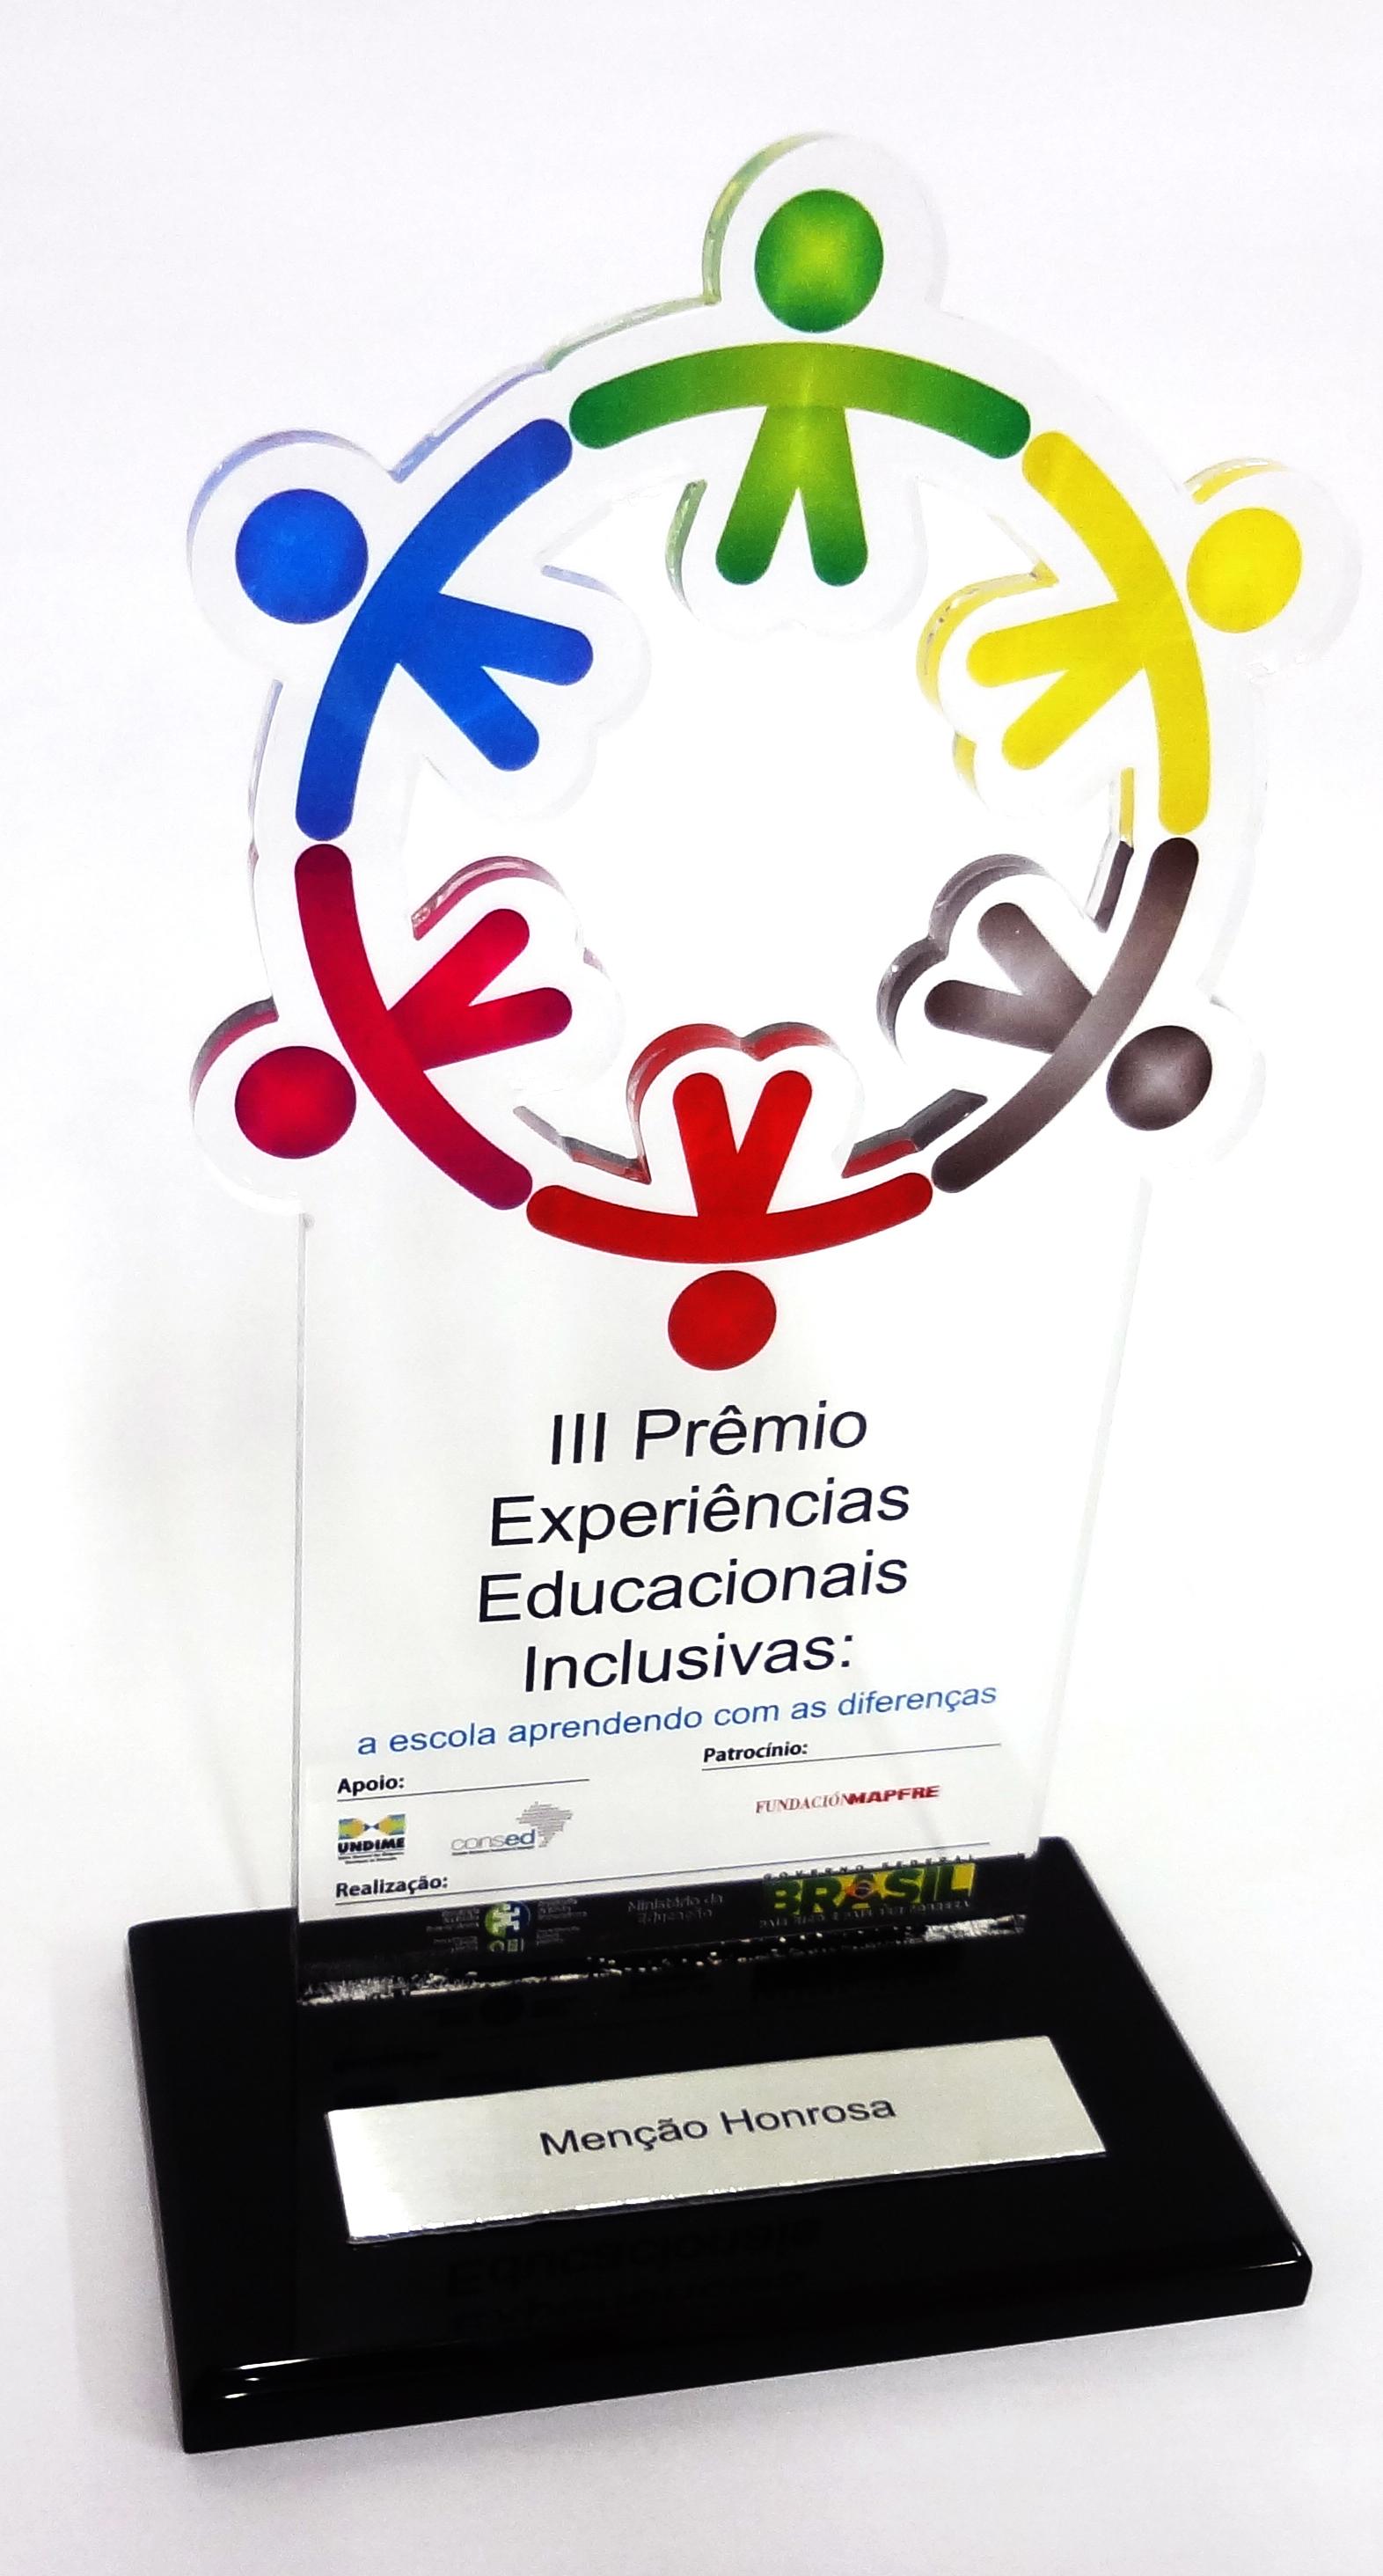 """Troféu do prêmio em acrílico, com símbolos coloridos de pessoas de mãos dadas formando um círculo. Em sua base, uma placa com a descrição """"Menção Honrosa""""."""